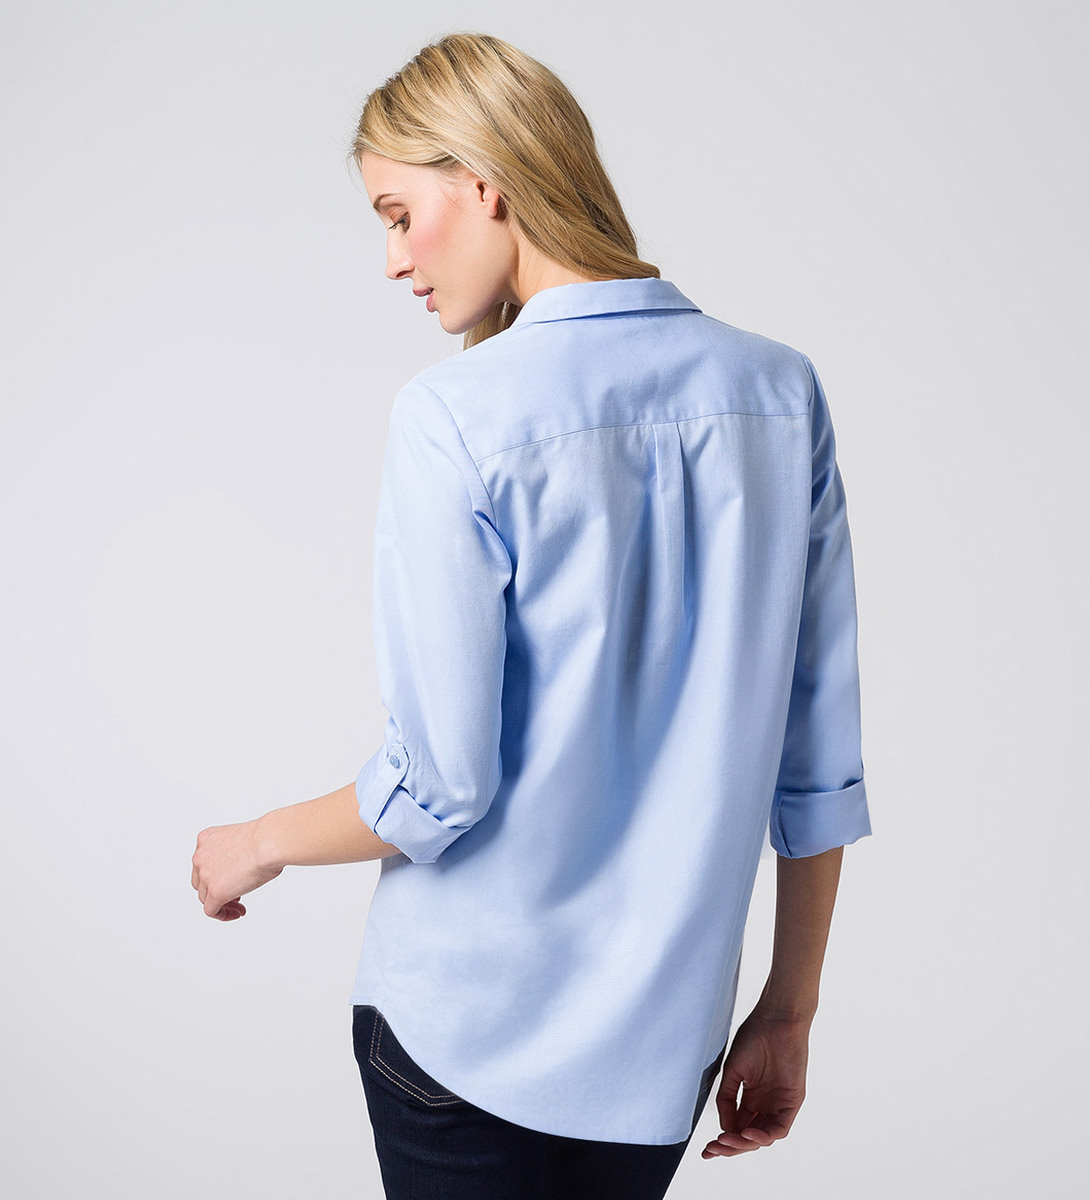 Bluse mit aufgesetzter Brusttasche in arctic blue